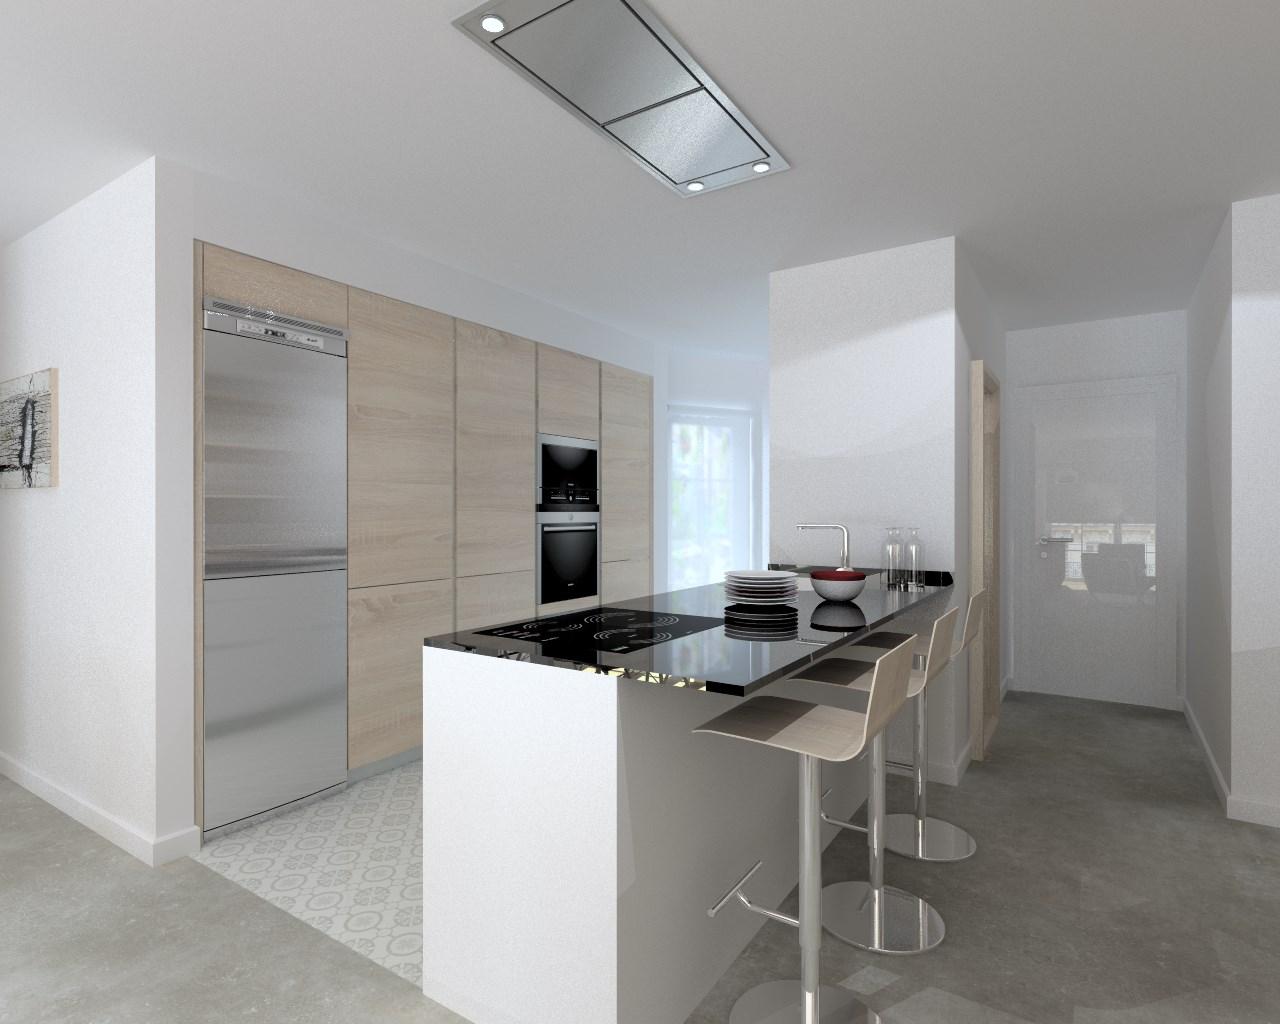 Cocina santos modelo line e blanco encimera granito negro - Encimera granito blanco ...